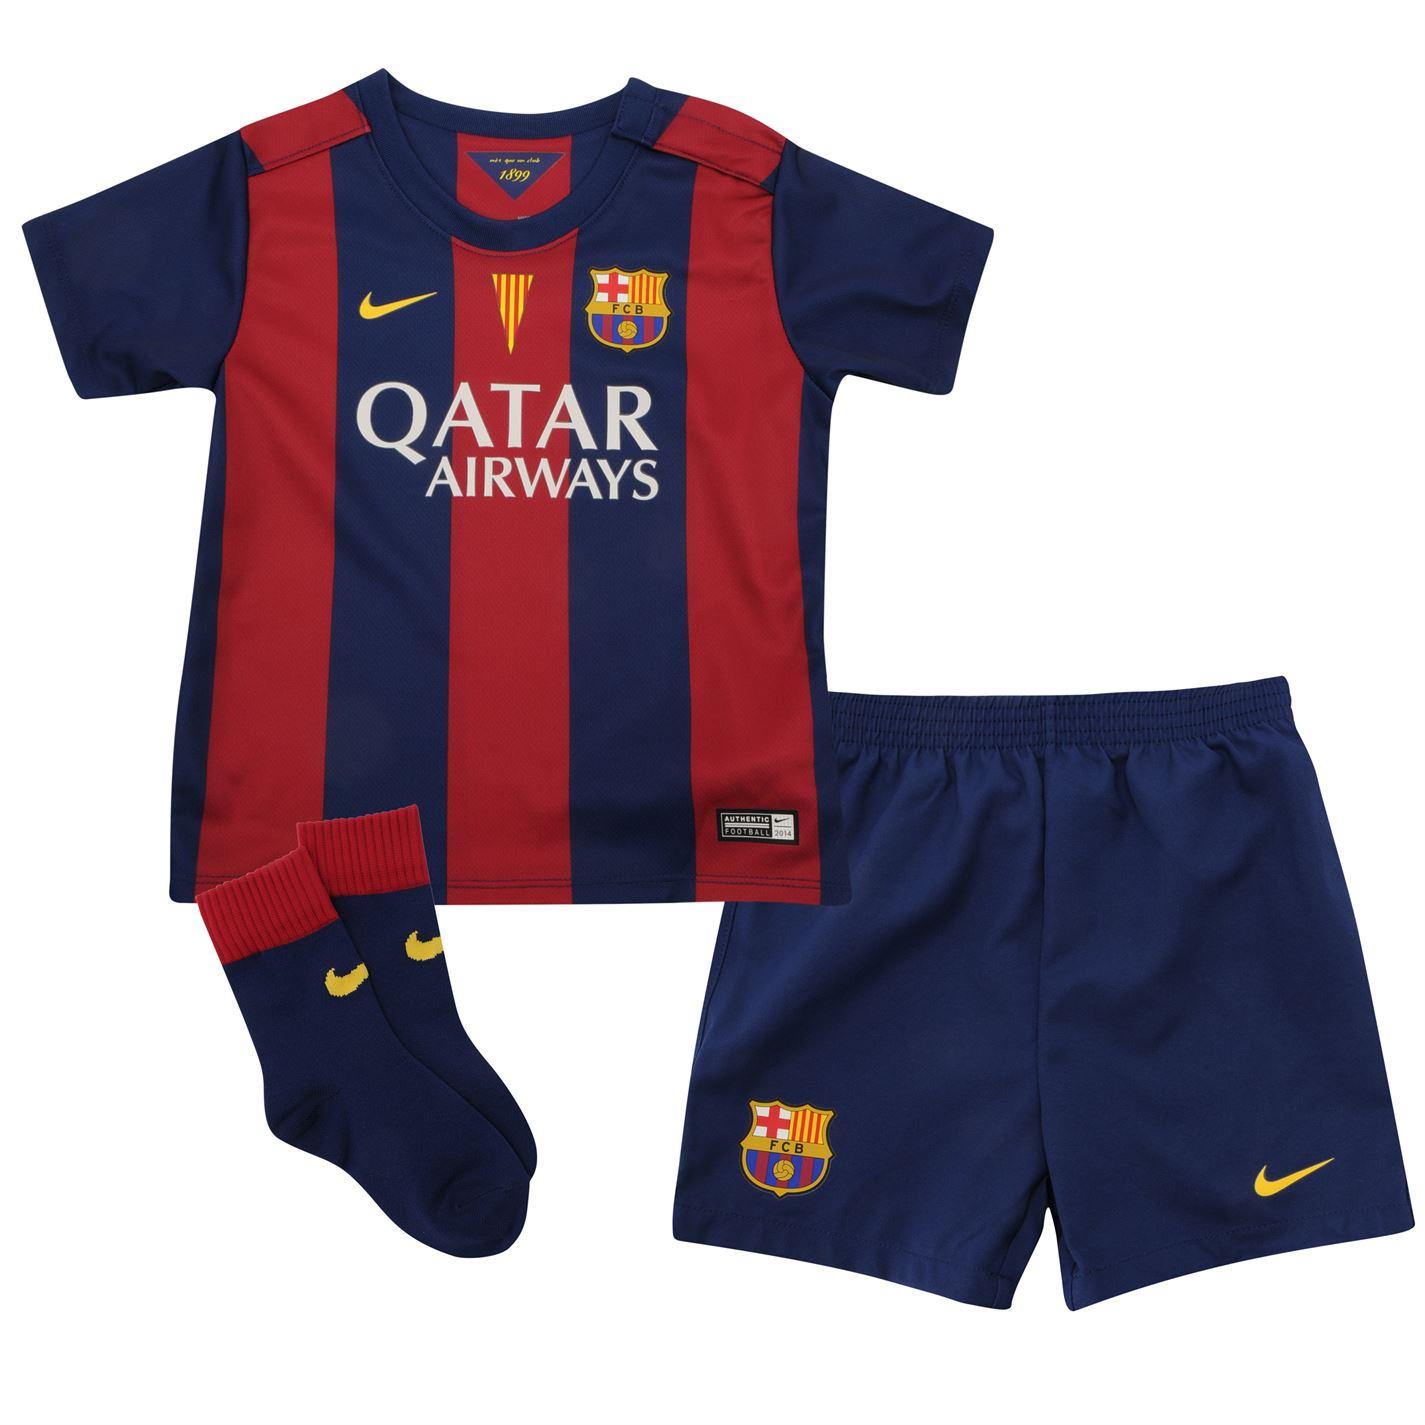 Quần áo bóng đá trẻ em Barca sân nhà 2014